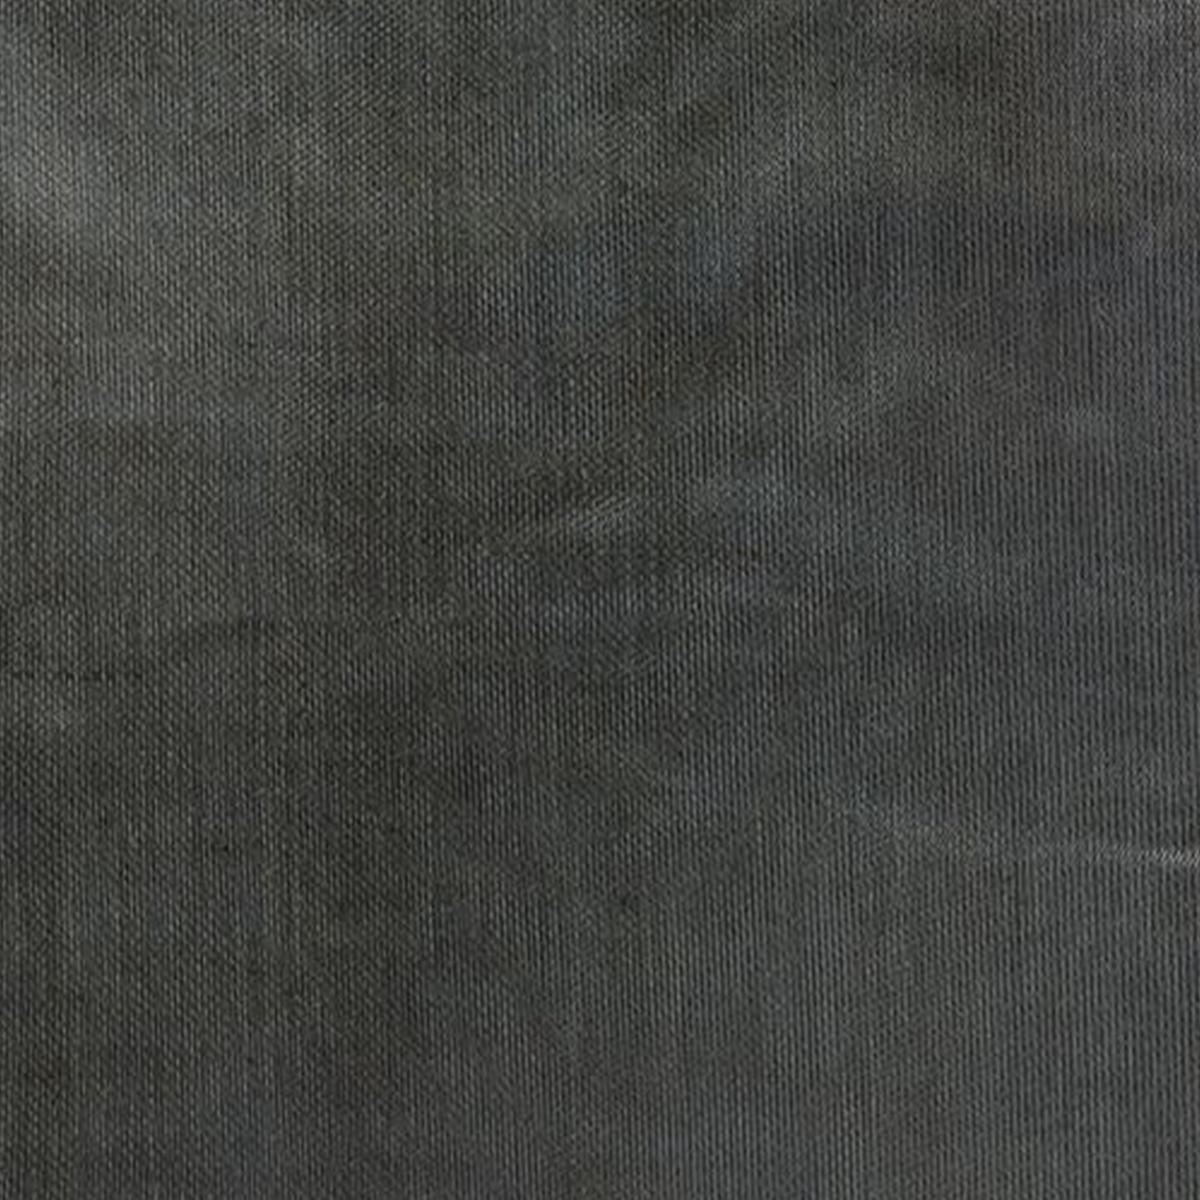 24x24-FabricFolio-Black-FB04